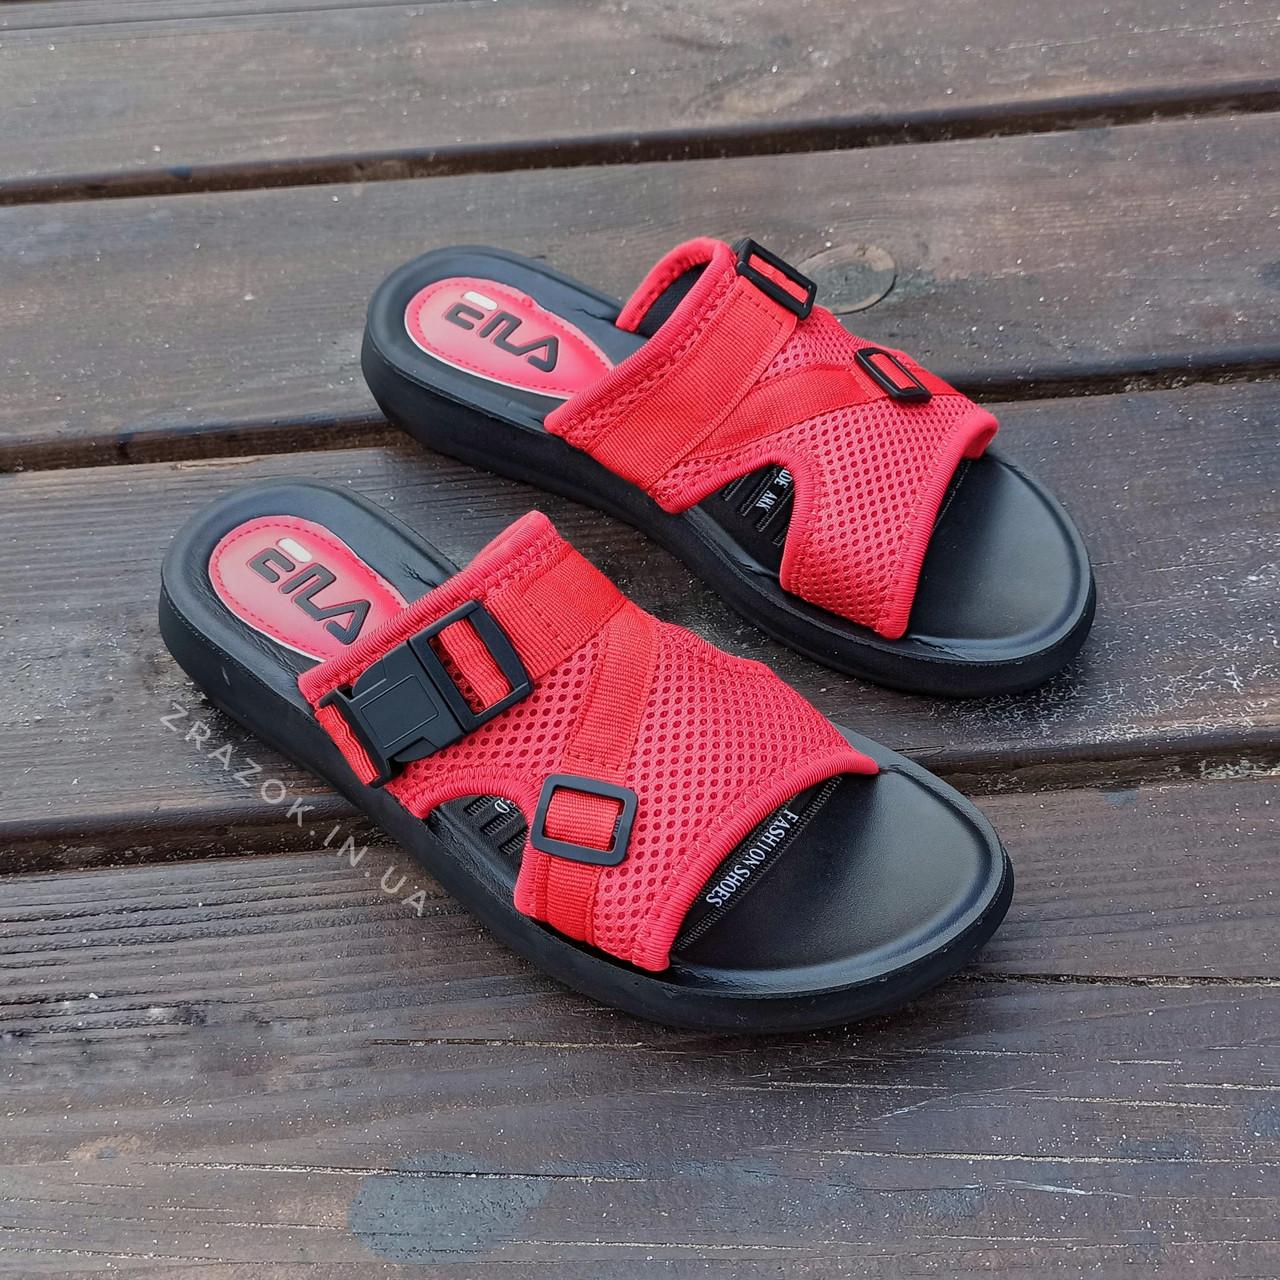 Шльопанці в стилі Fila літні червоні пляжні шльопанці жіночі тапочки червоні пляжні жіночі